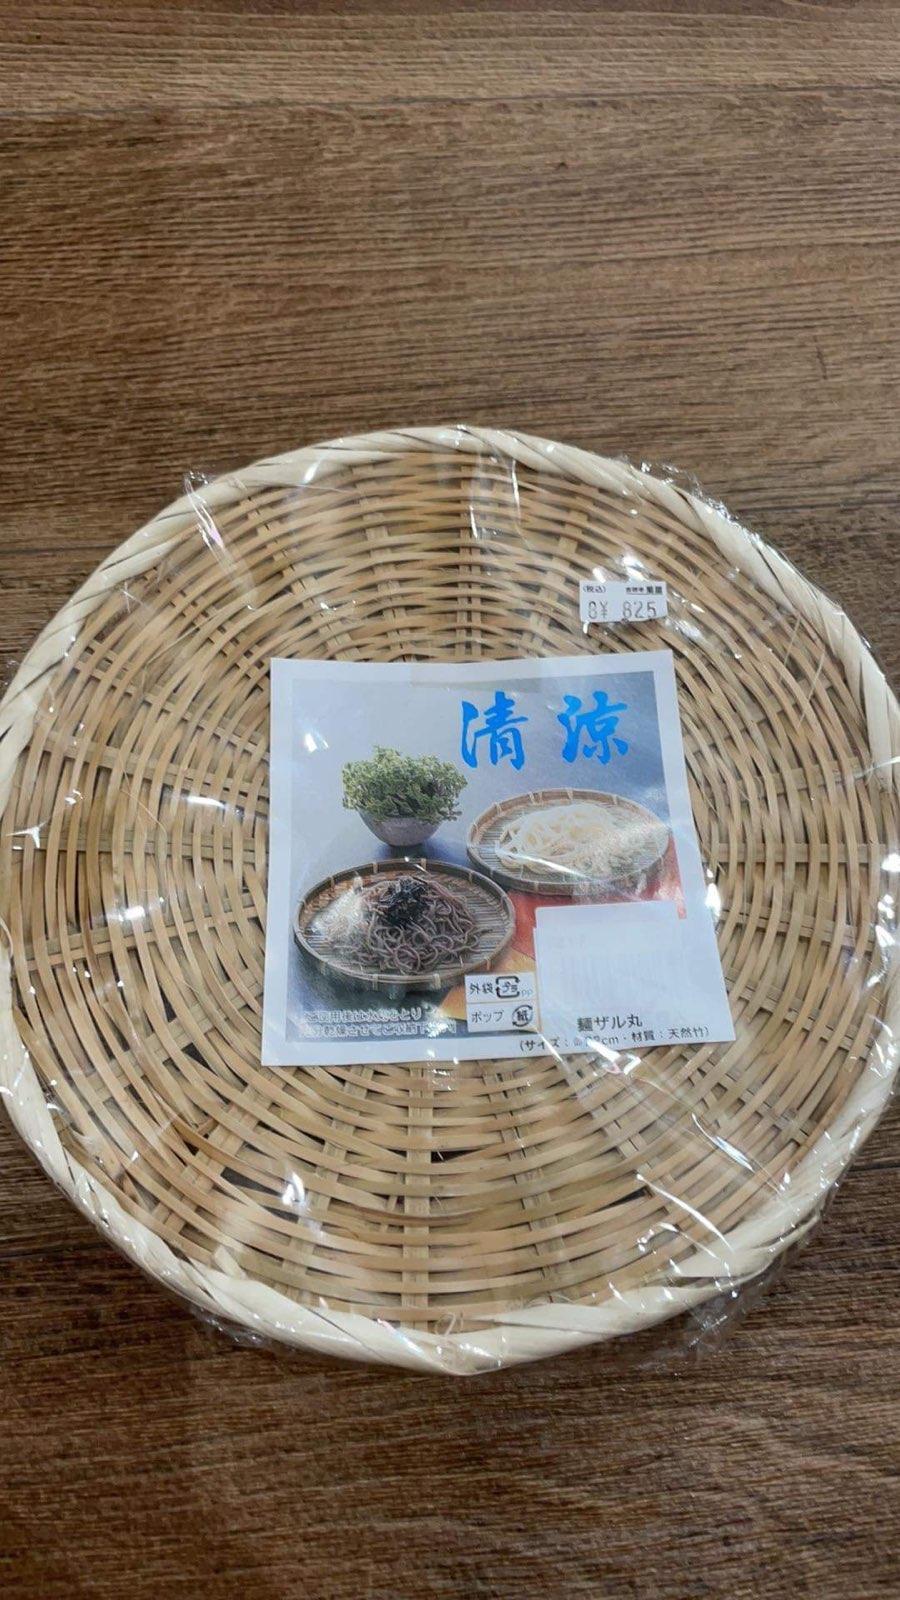 mây' cái rổ mình mua ở Japan sắp về - Làm Duyên cưng Ro_111